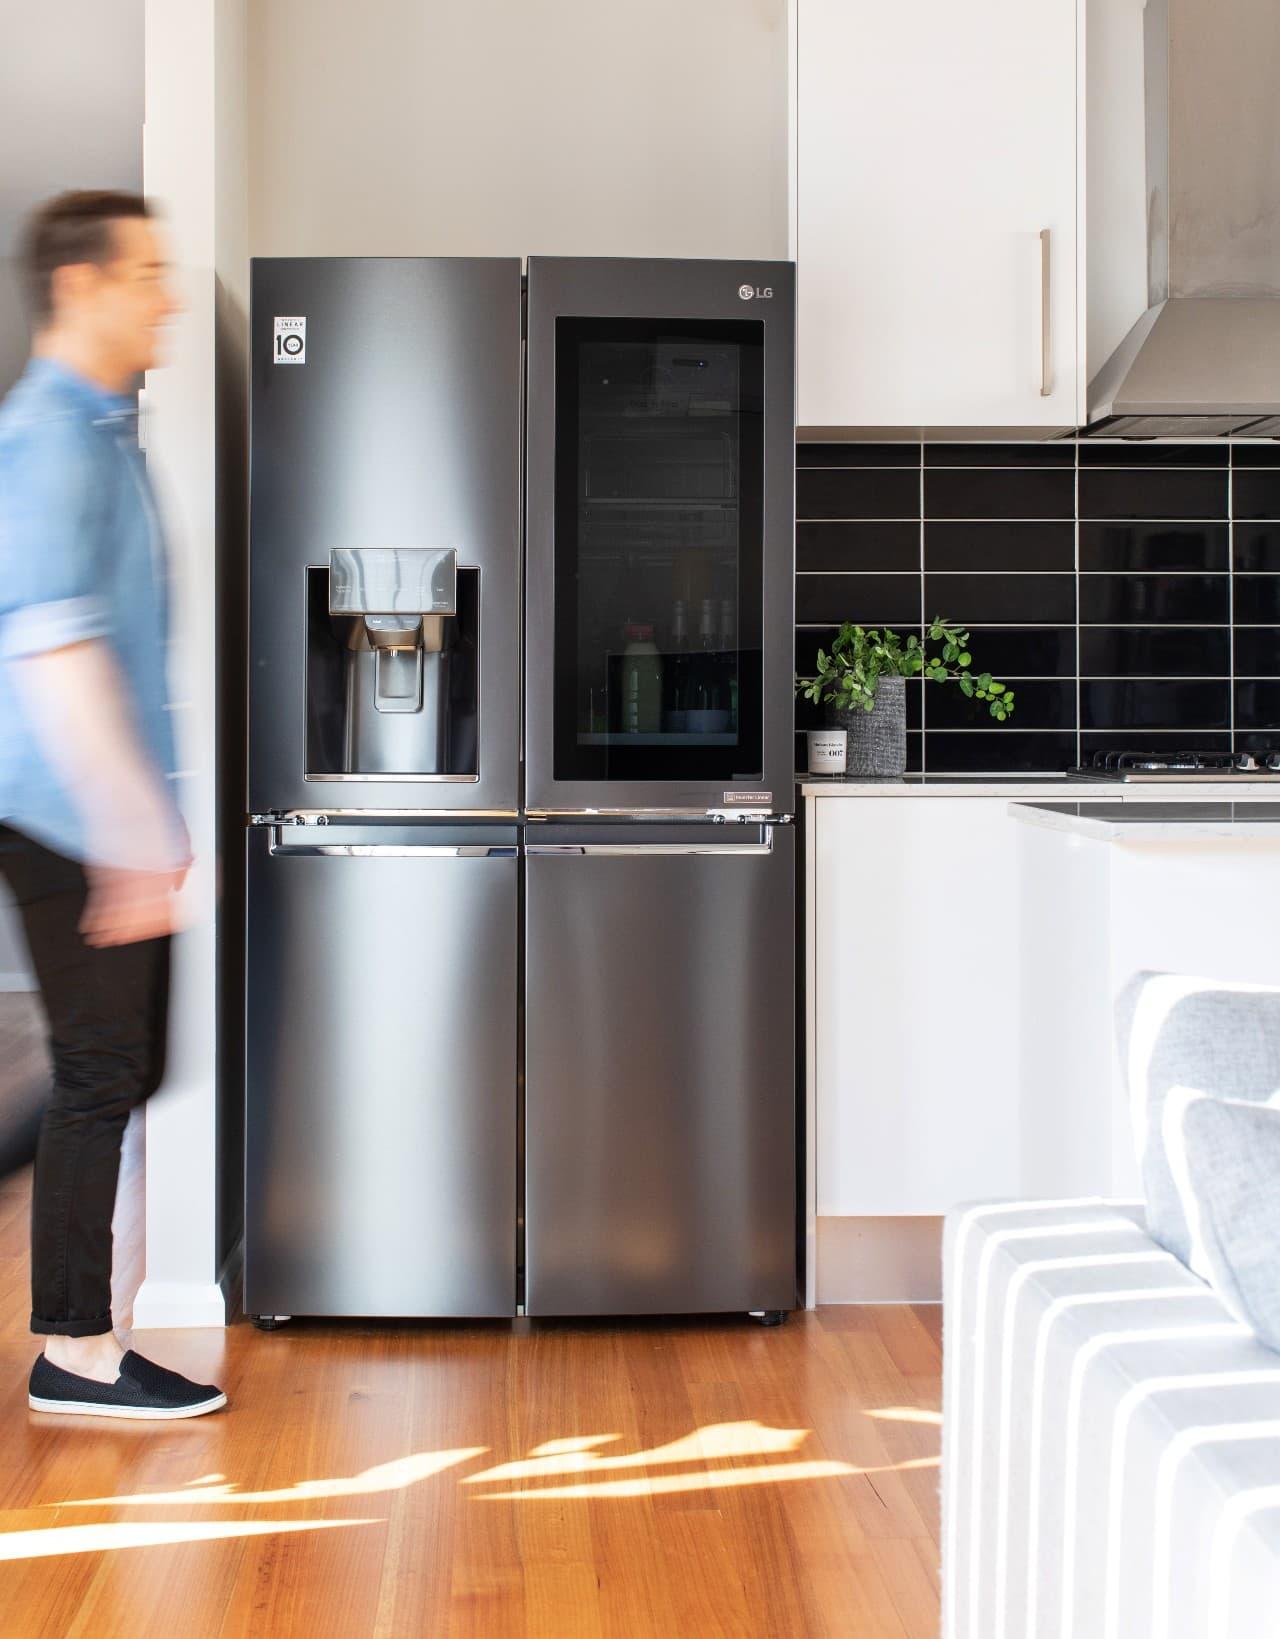 chris carroll tlc interiors review of lg door in door instaview fridge